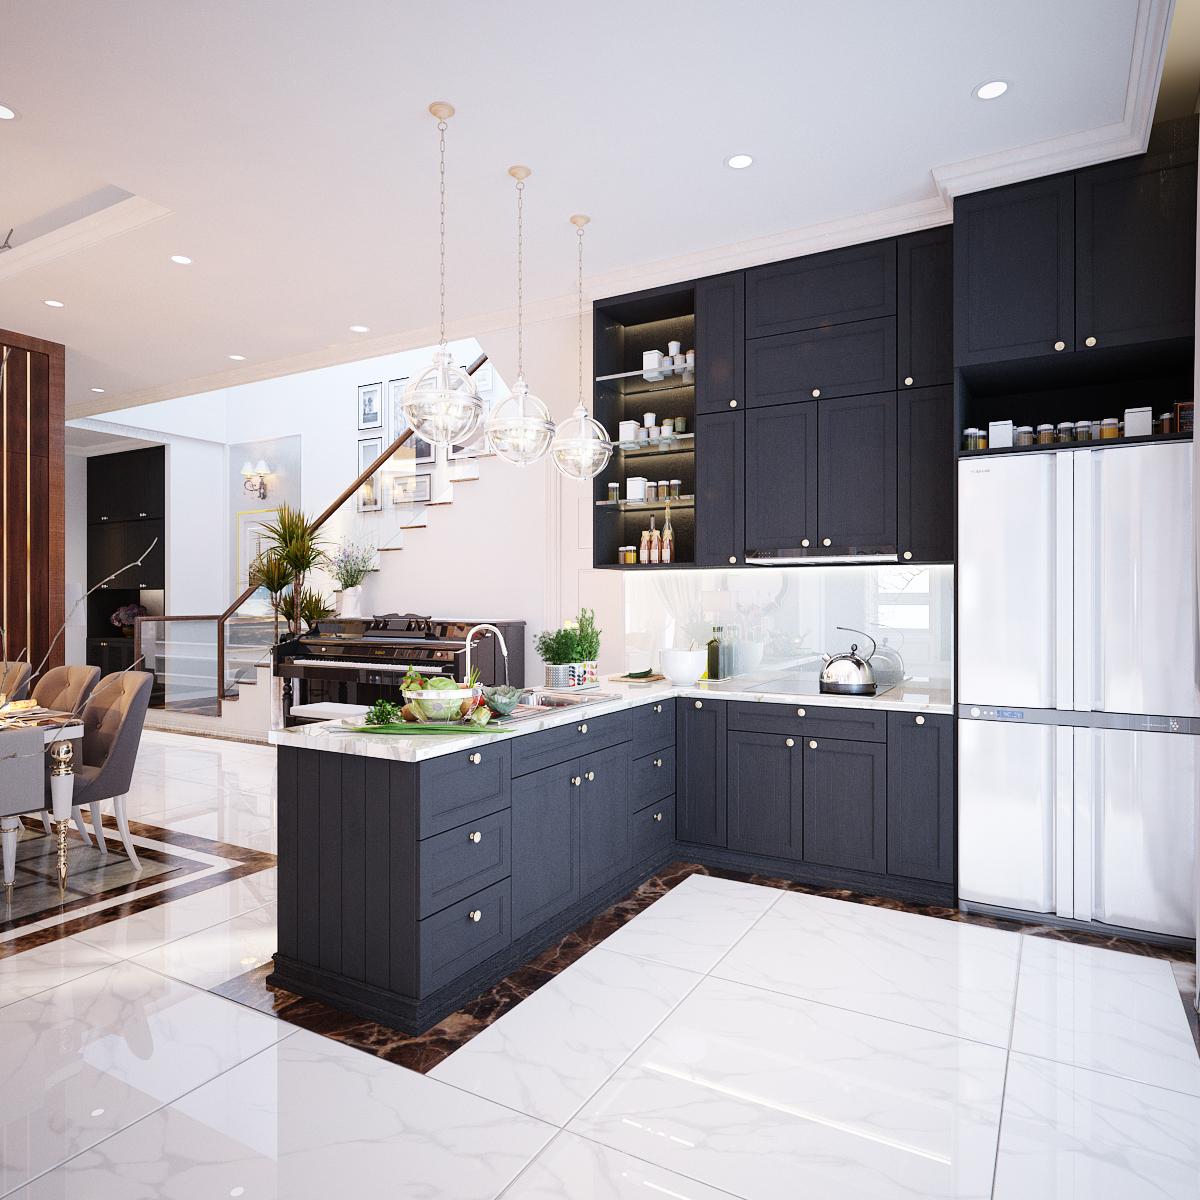 thiết kế nội thất Biệt Thự tại Hồ Chí Minh Biệt Thự Chị Thu 4 1550734330